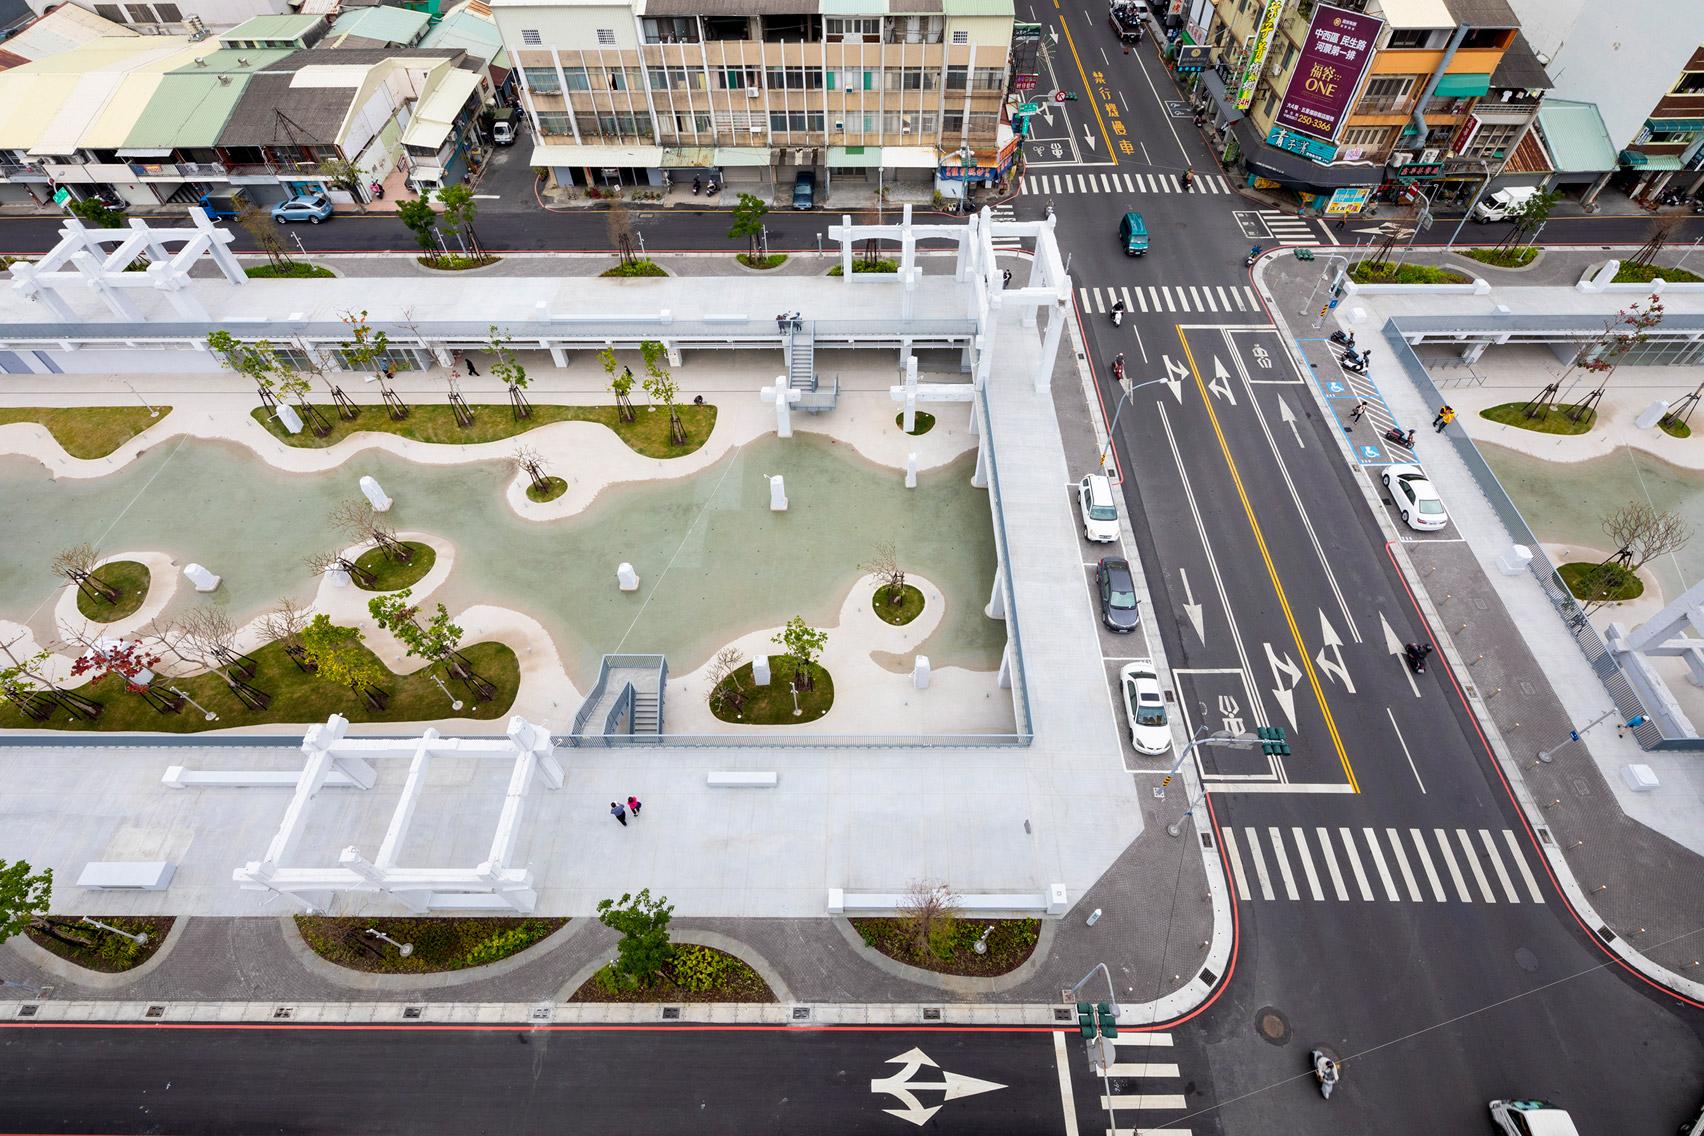 Toàn cảnh khu phố thương mại cũ sau khi được quy hoạch lại, mang đến sức sống mới cho thành phố Đài Nam. Ảnh: MVRDV.